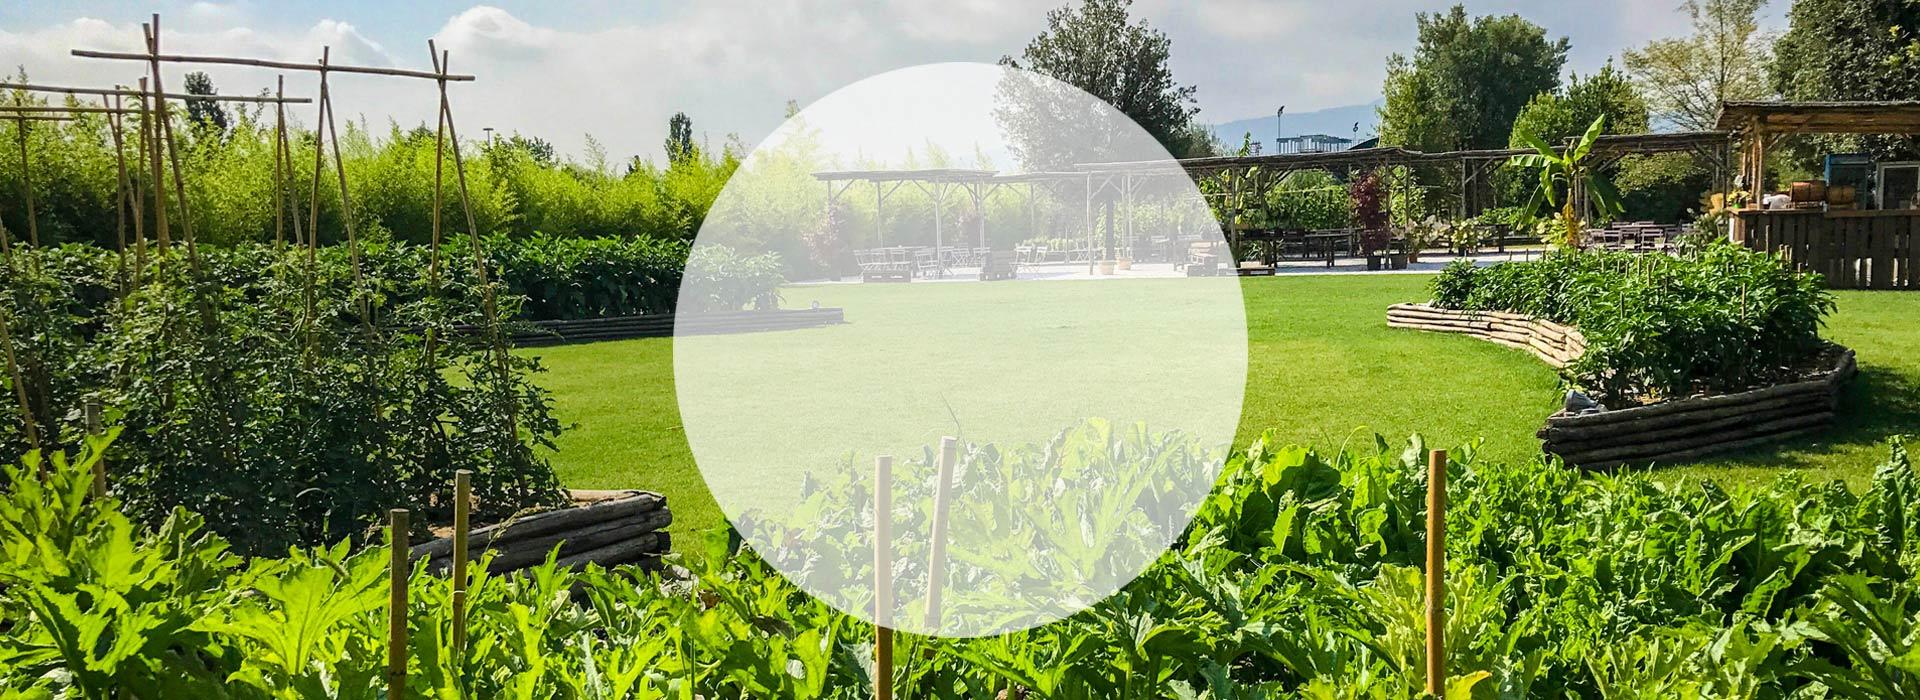 огороды-декоративные-растения-в-ящиках-реализация-проектирование